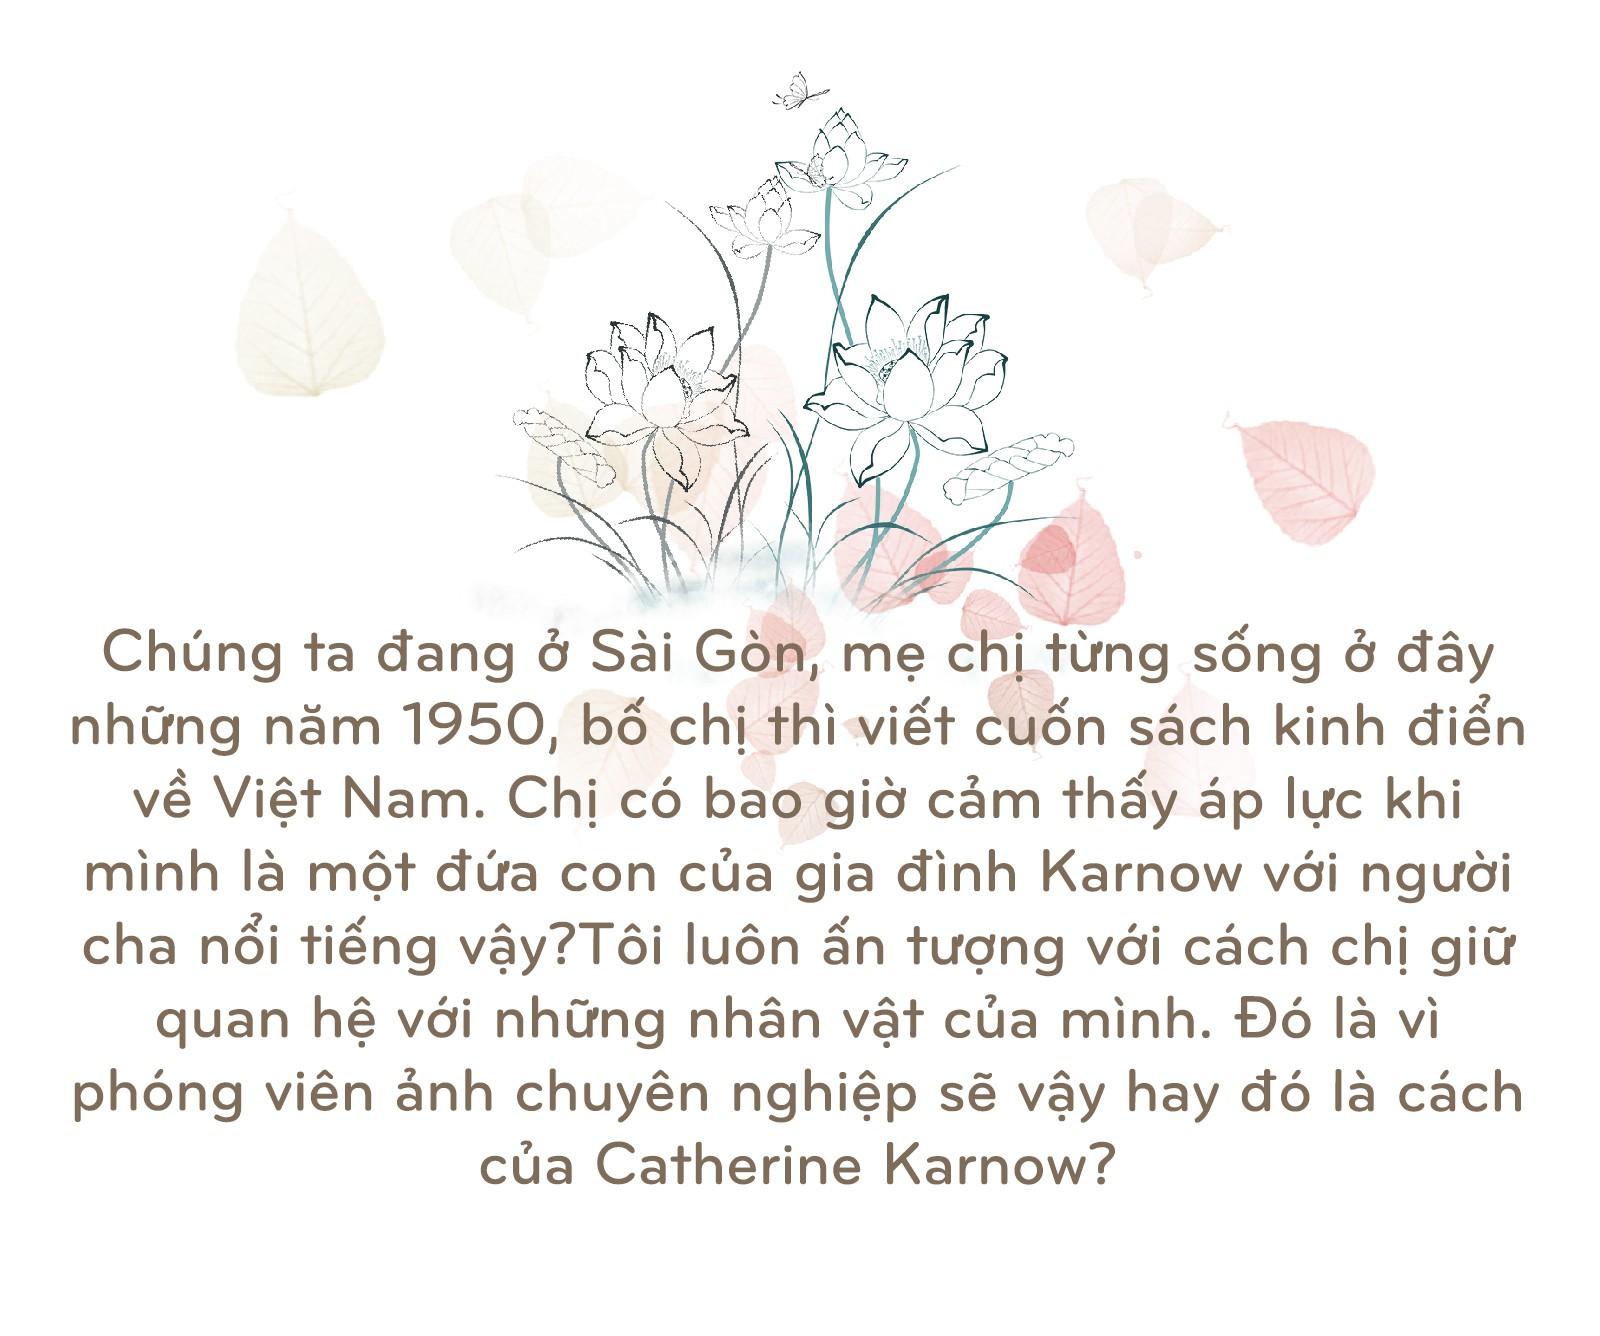 Catherine Karnow: Gặp duyên ở Việt Nam - Ảnh 16.